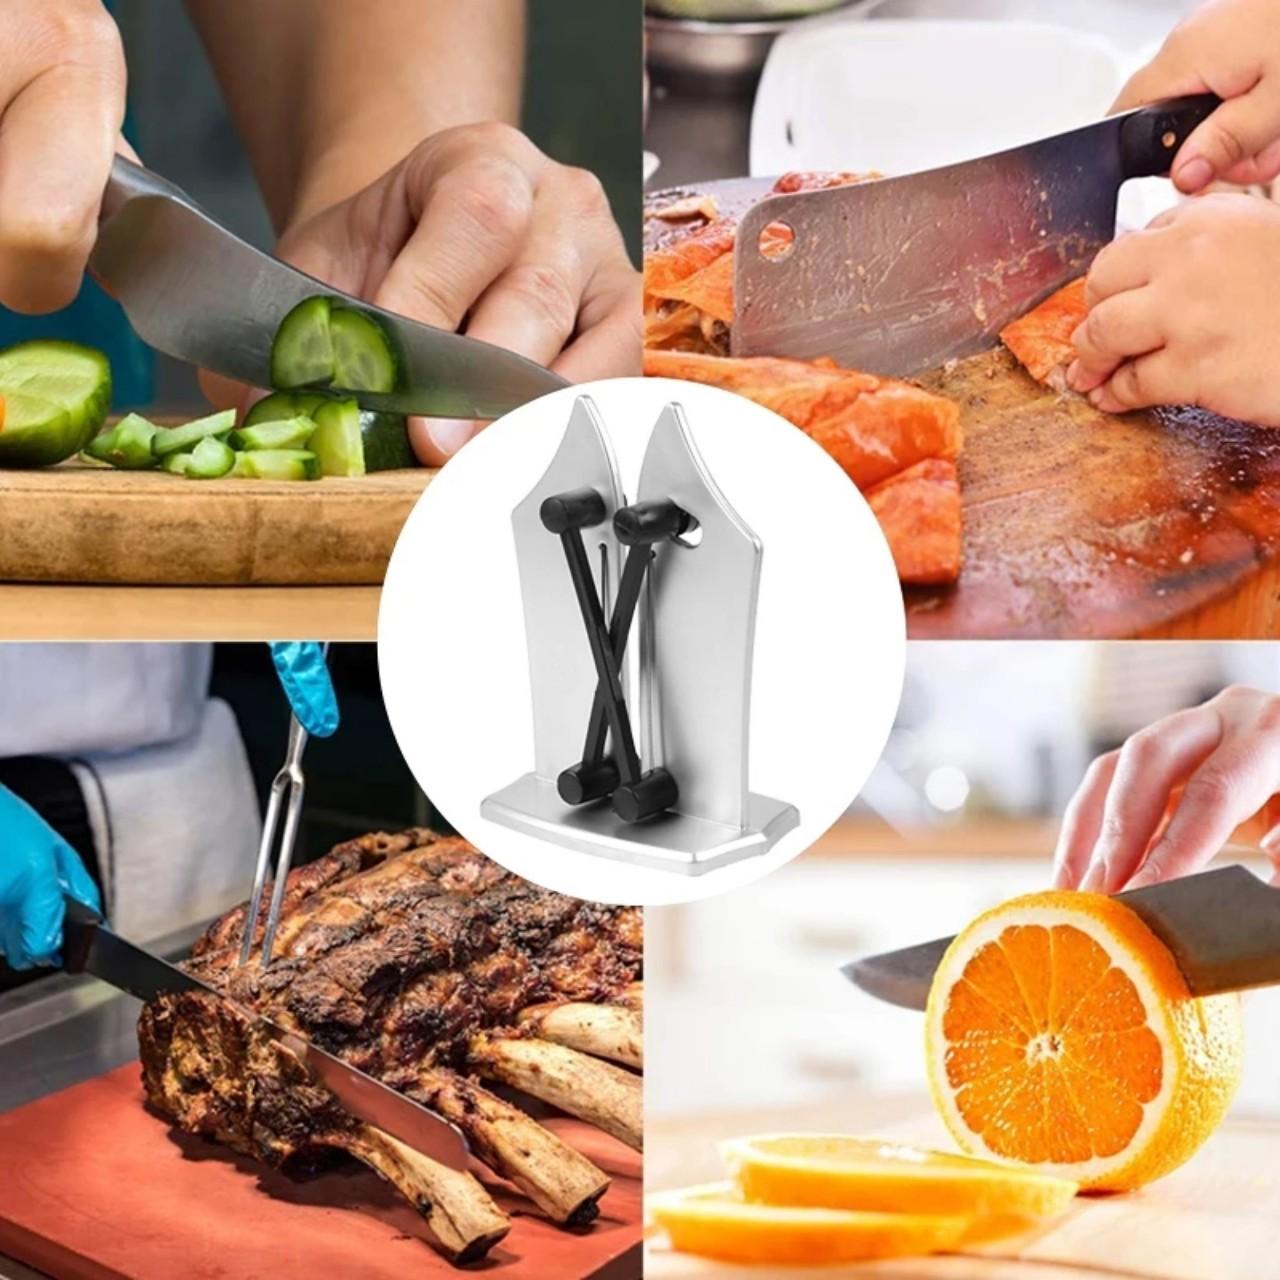 Máy mài dao kéo chuyên nghiệp , vật liệu thép không gỉ , chuyên dụng cho nhà bếp